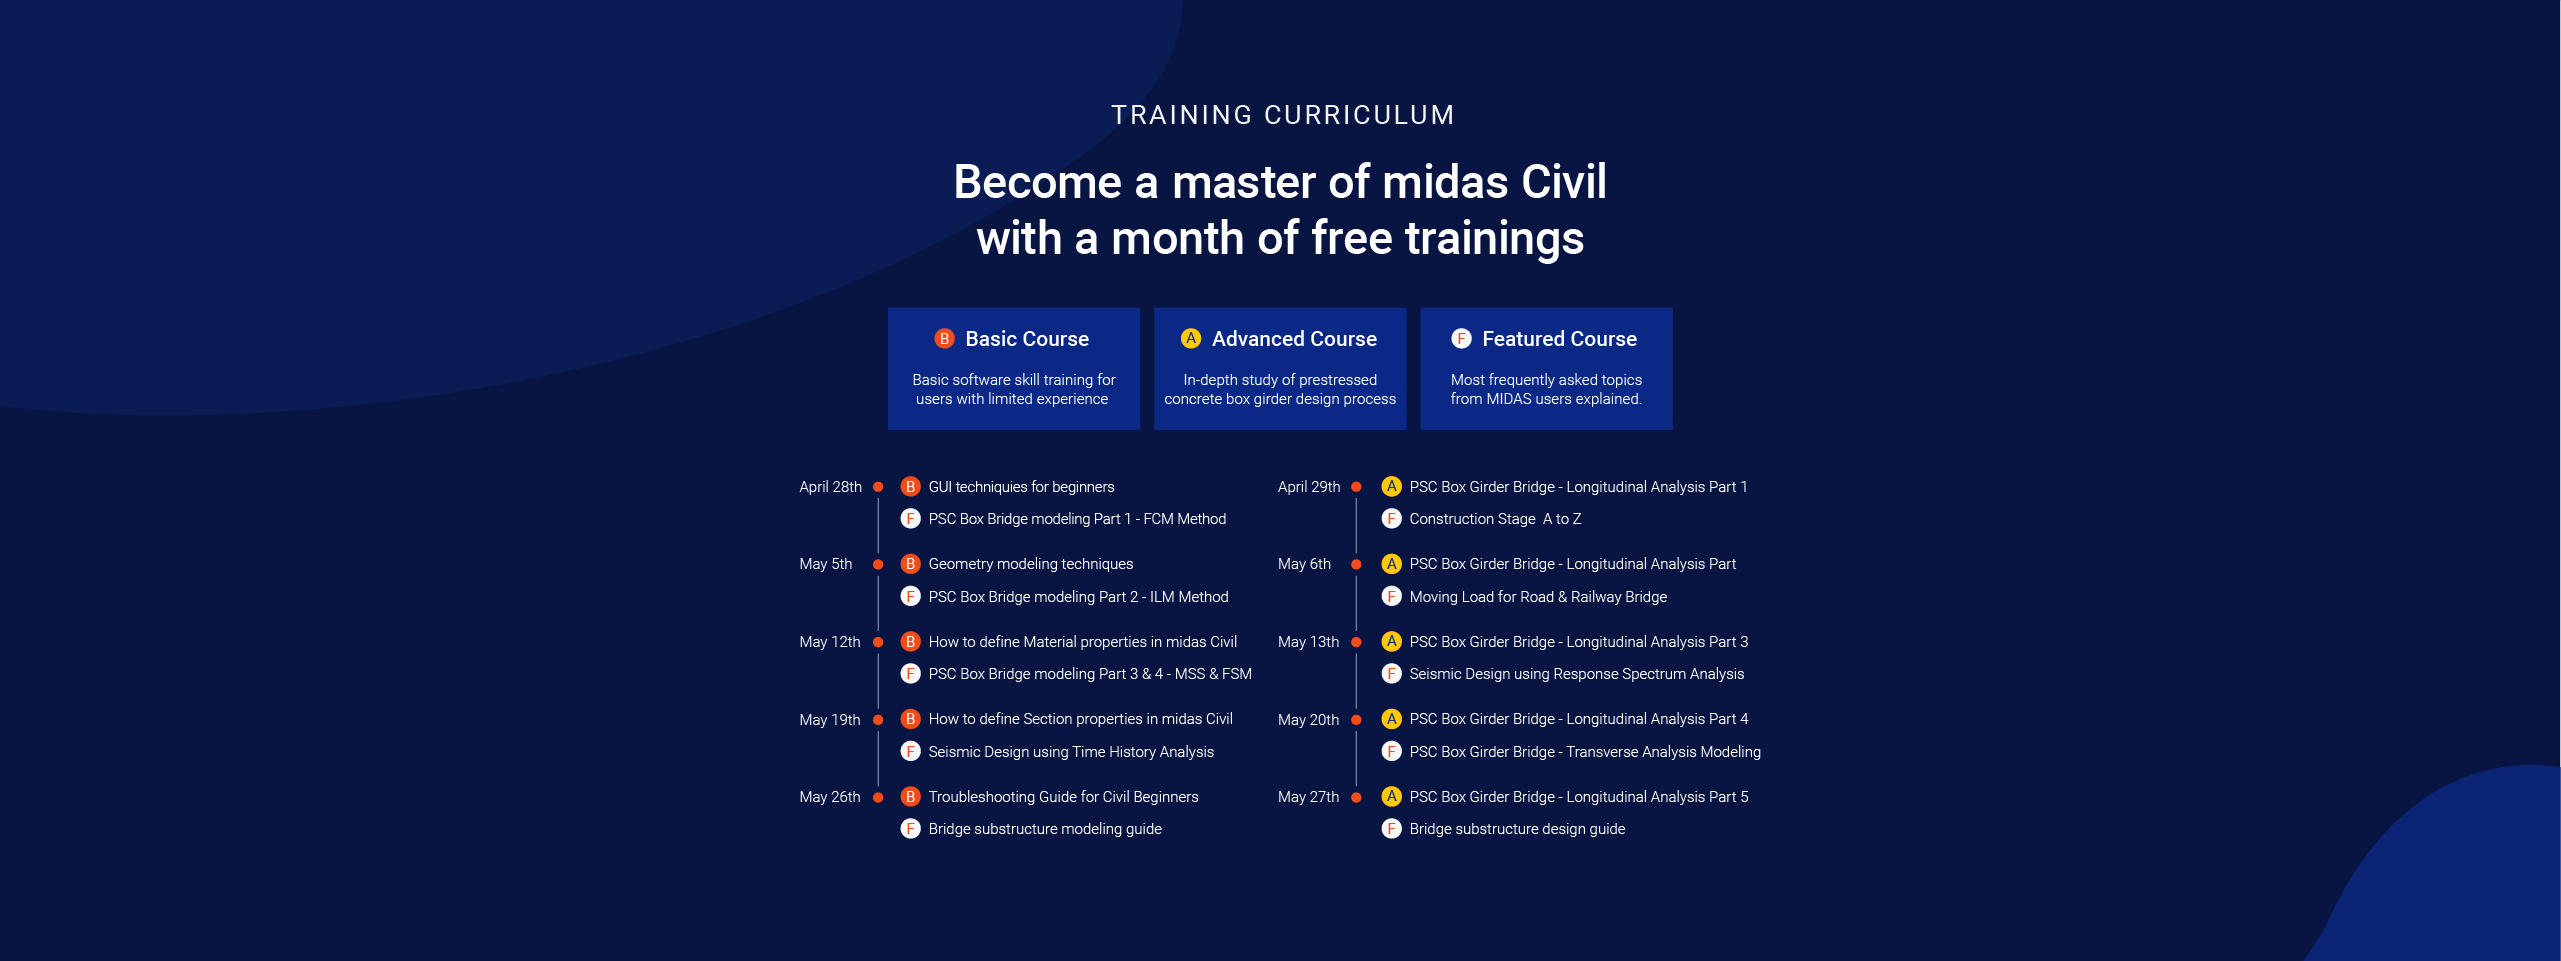 curriculum of training